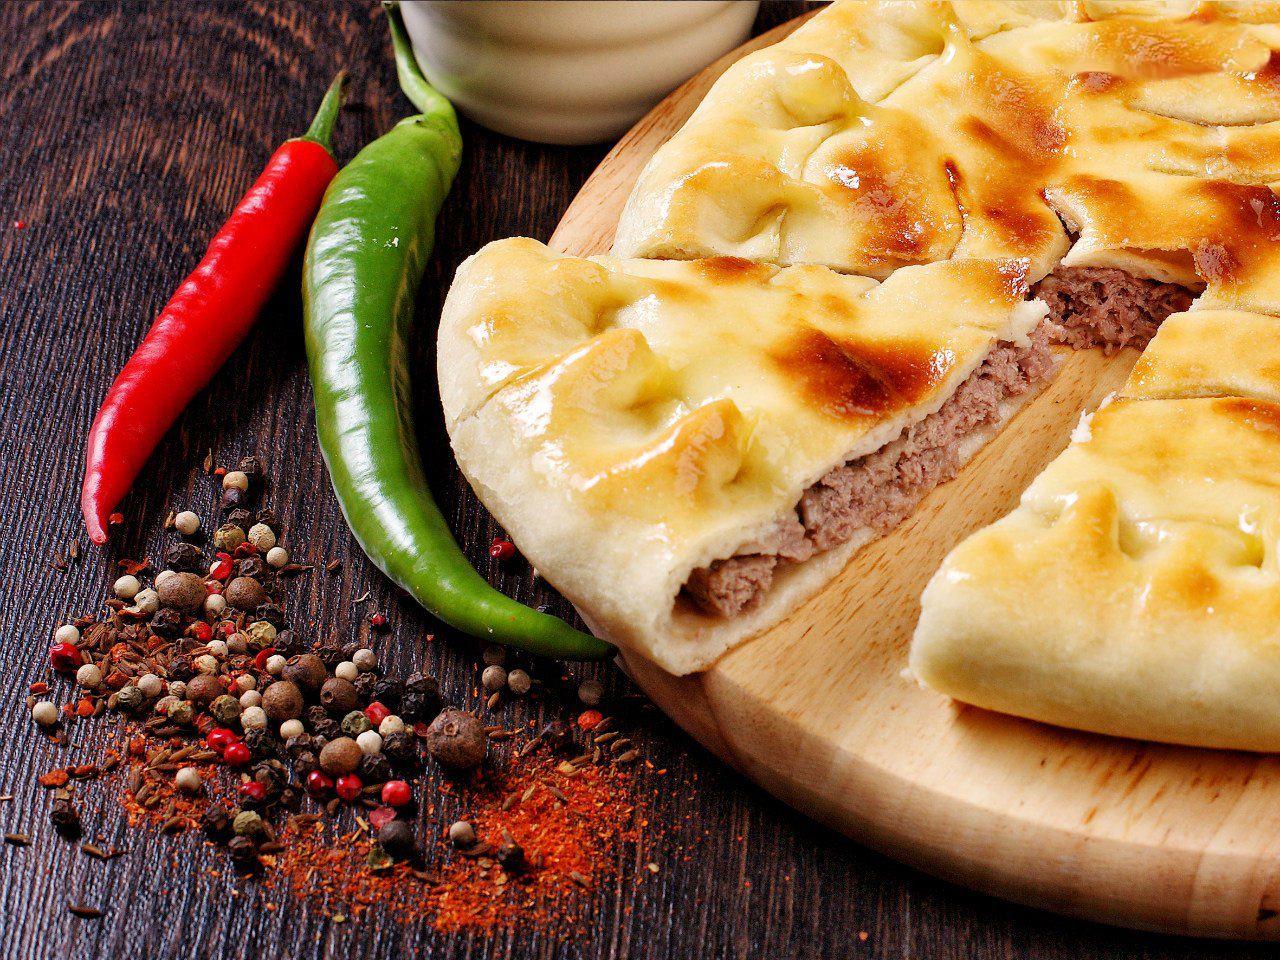 Вкусные осетинские пироги с разными начинками от пироговой «Осетинка» со скидкой до 62% фото 1